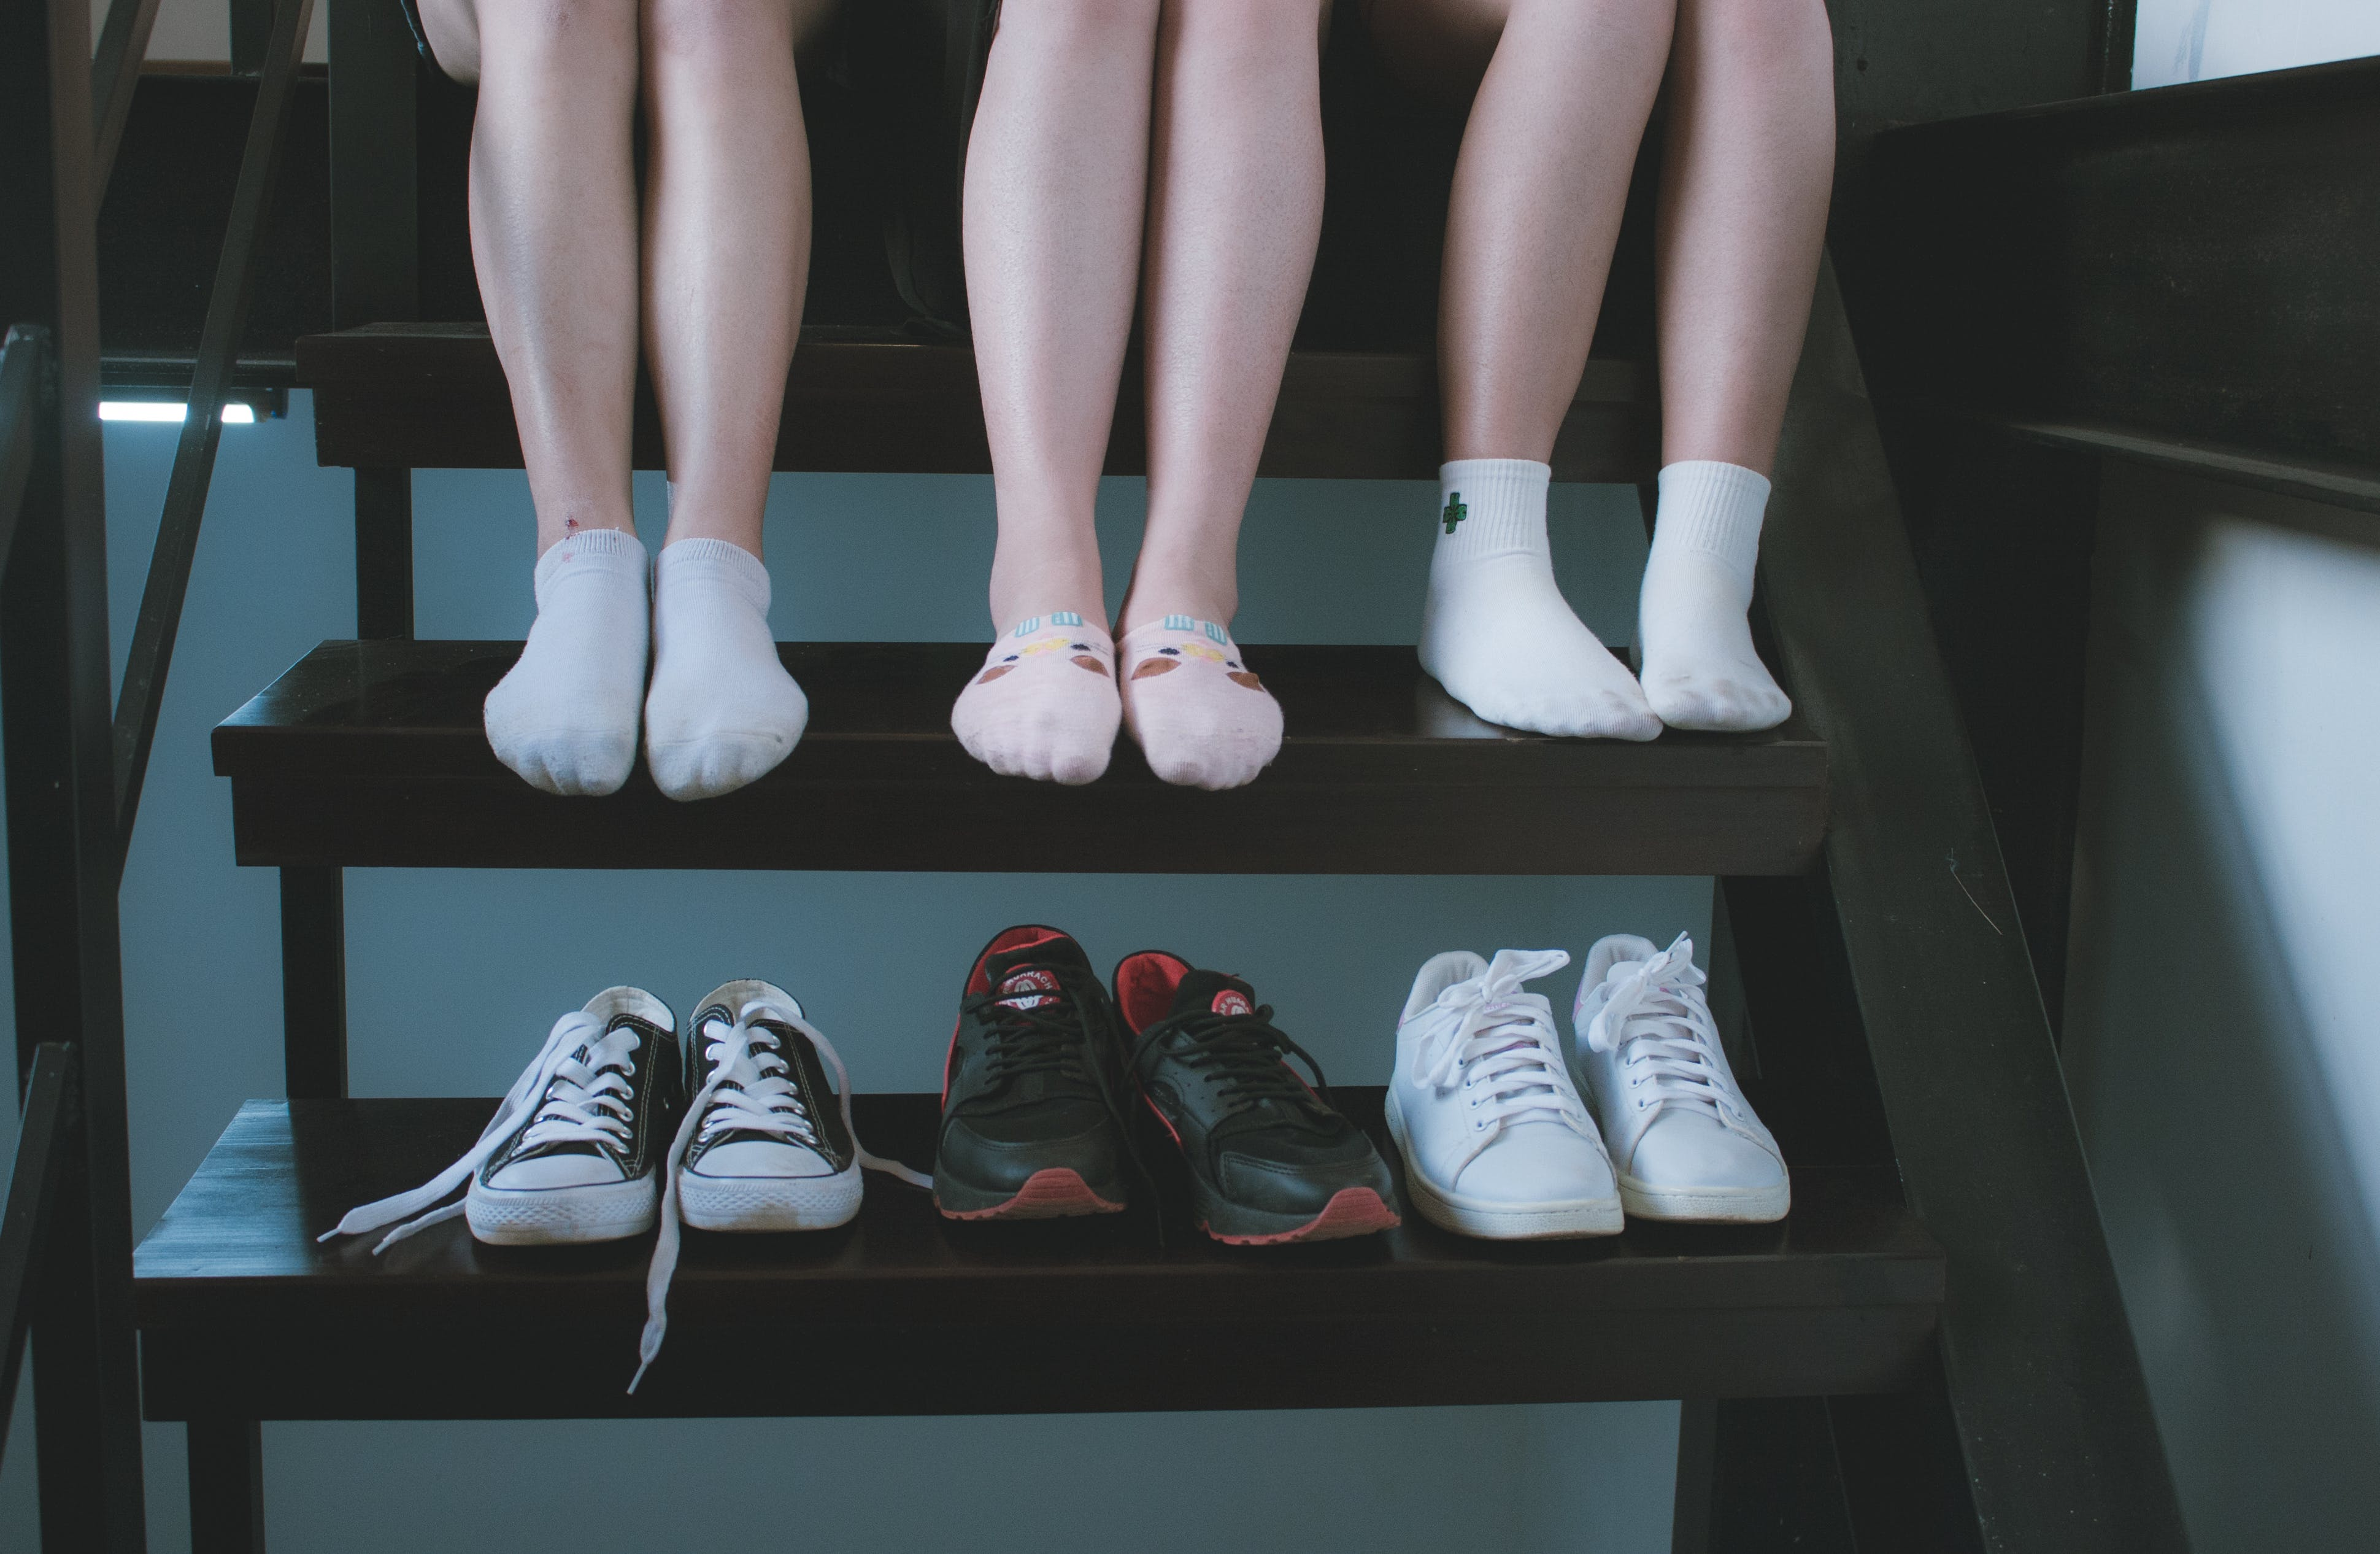 Fotos de stock gratuitas de adulto, calzado, gente, patas